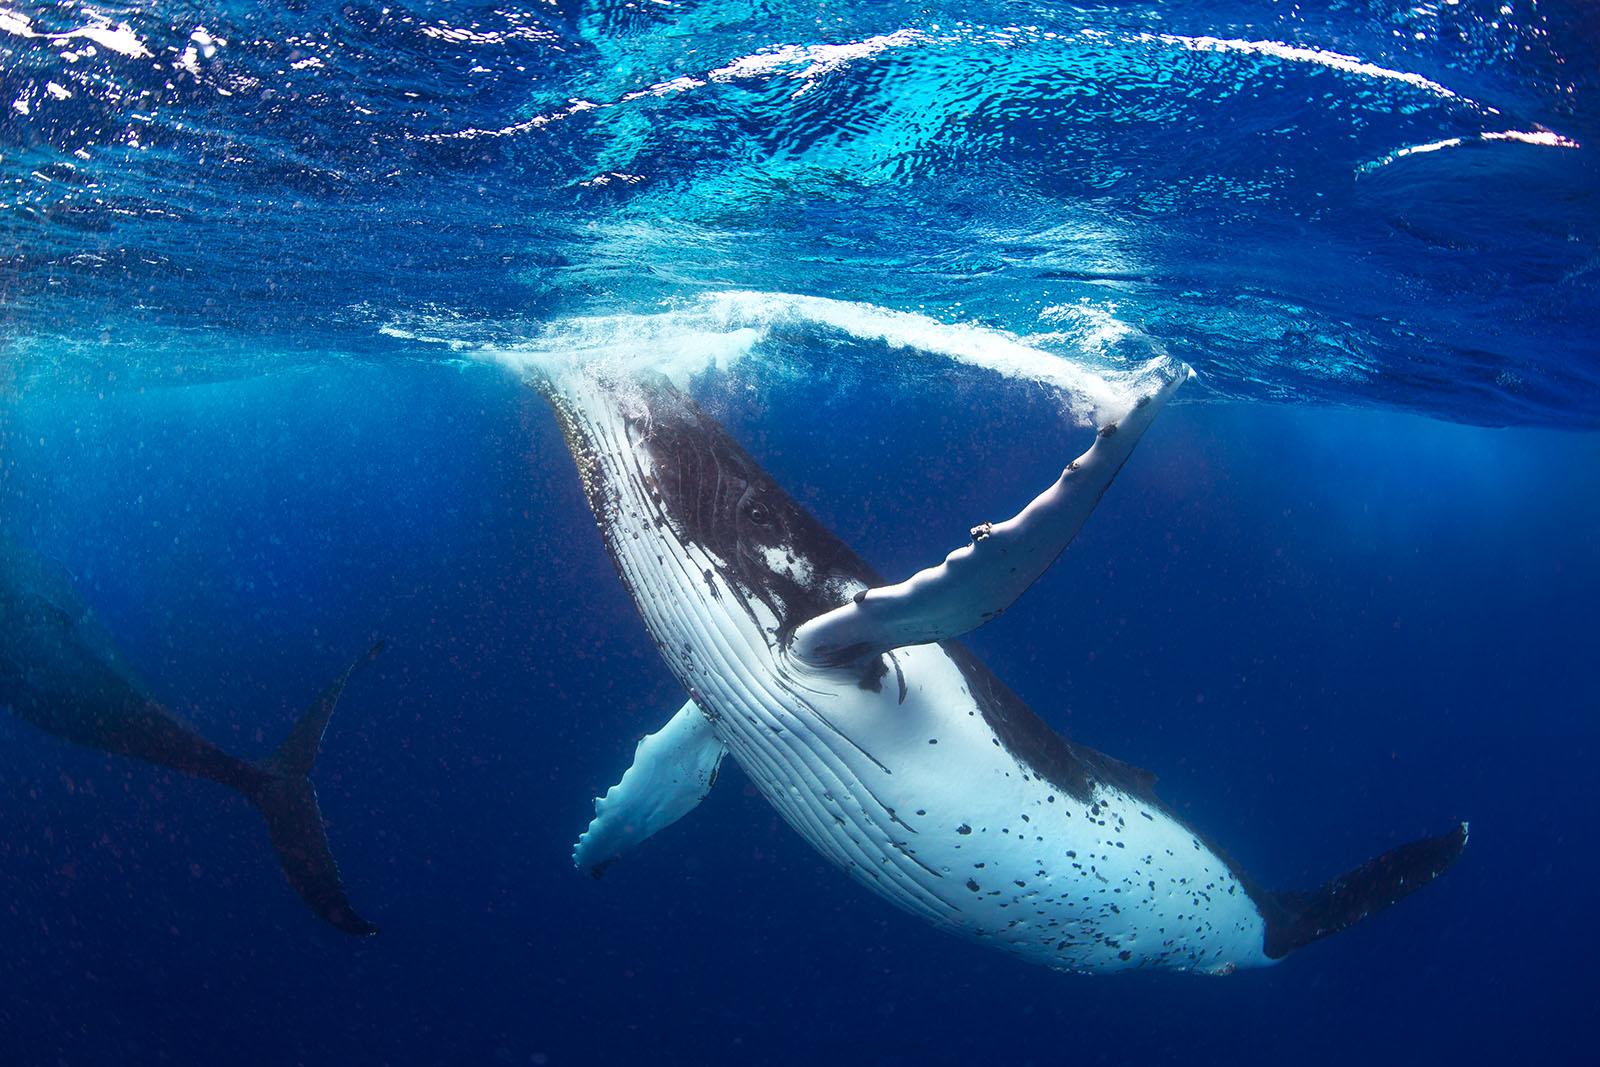 Whale In Ocean